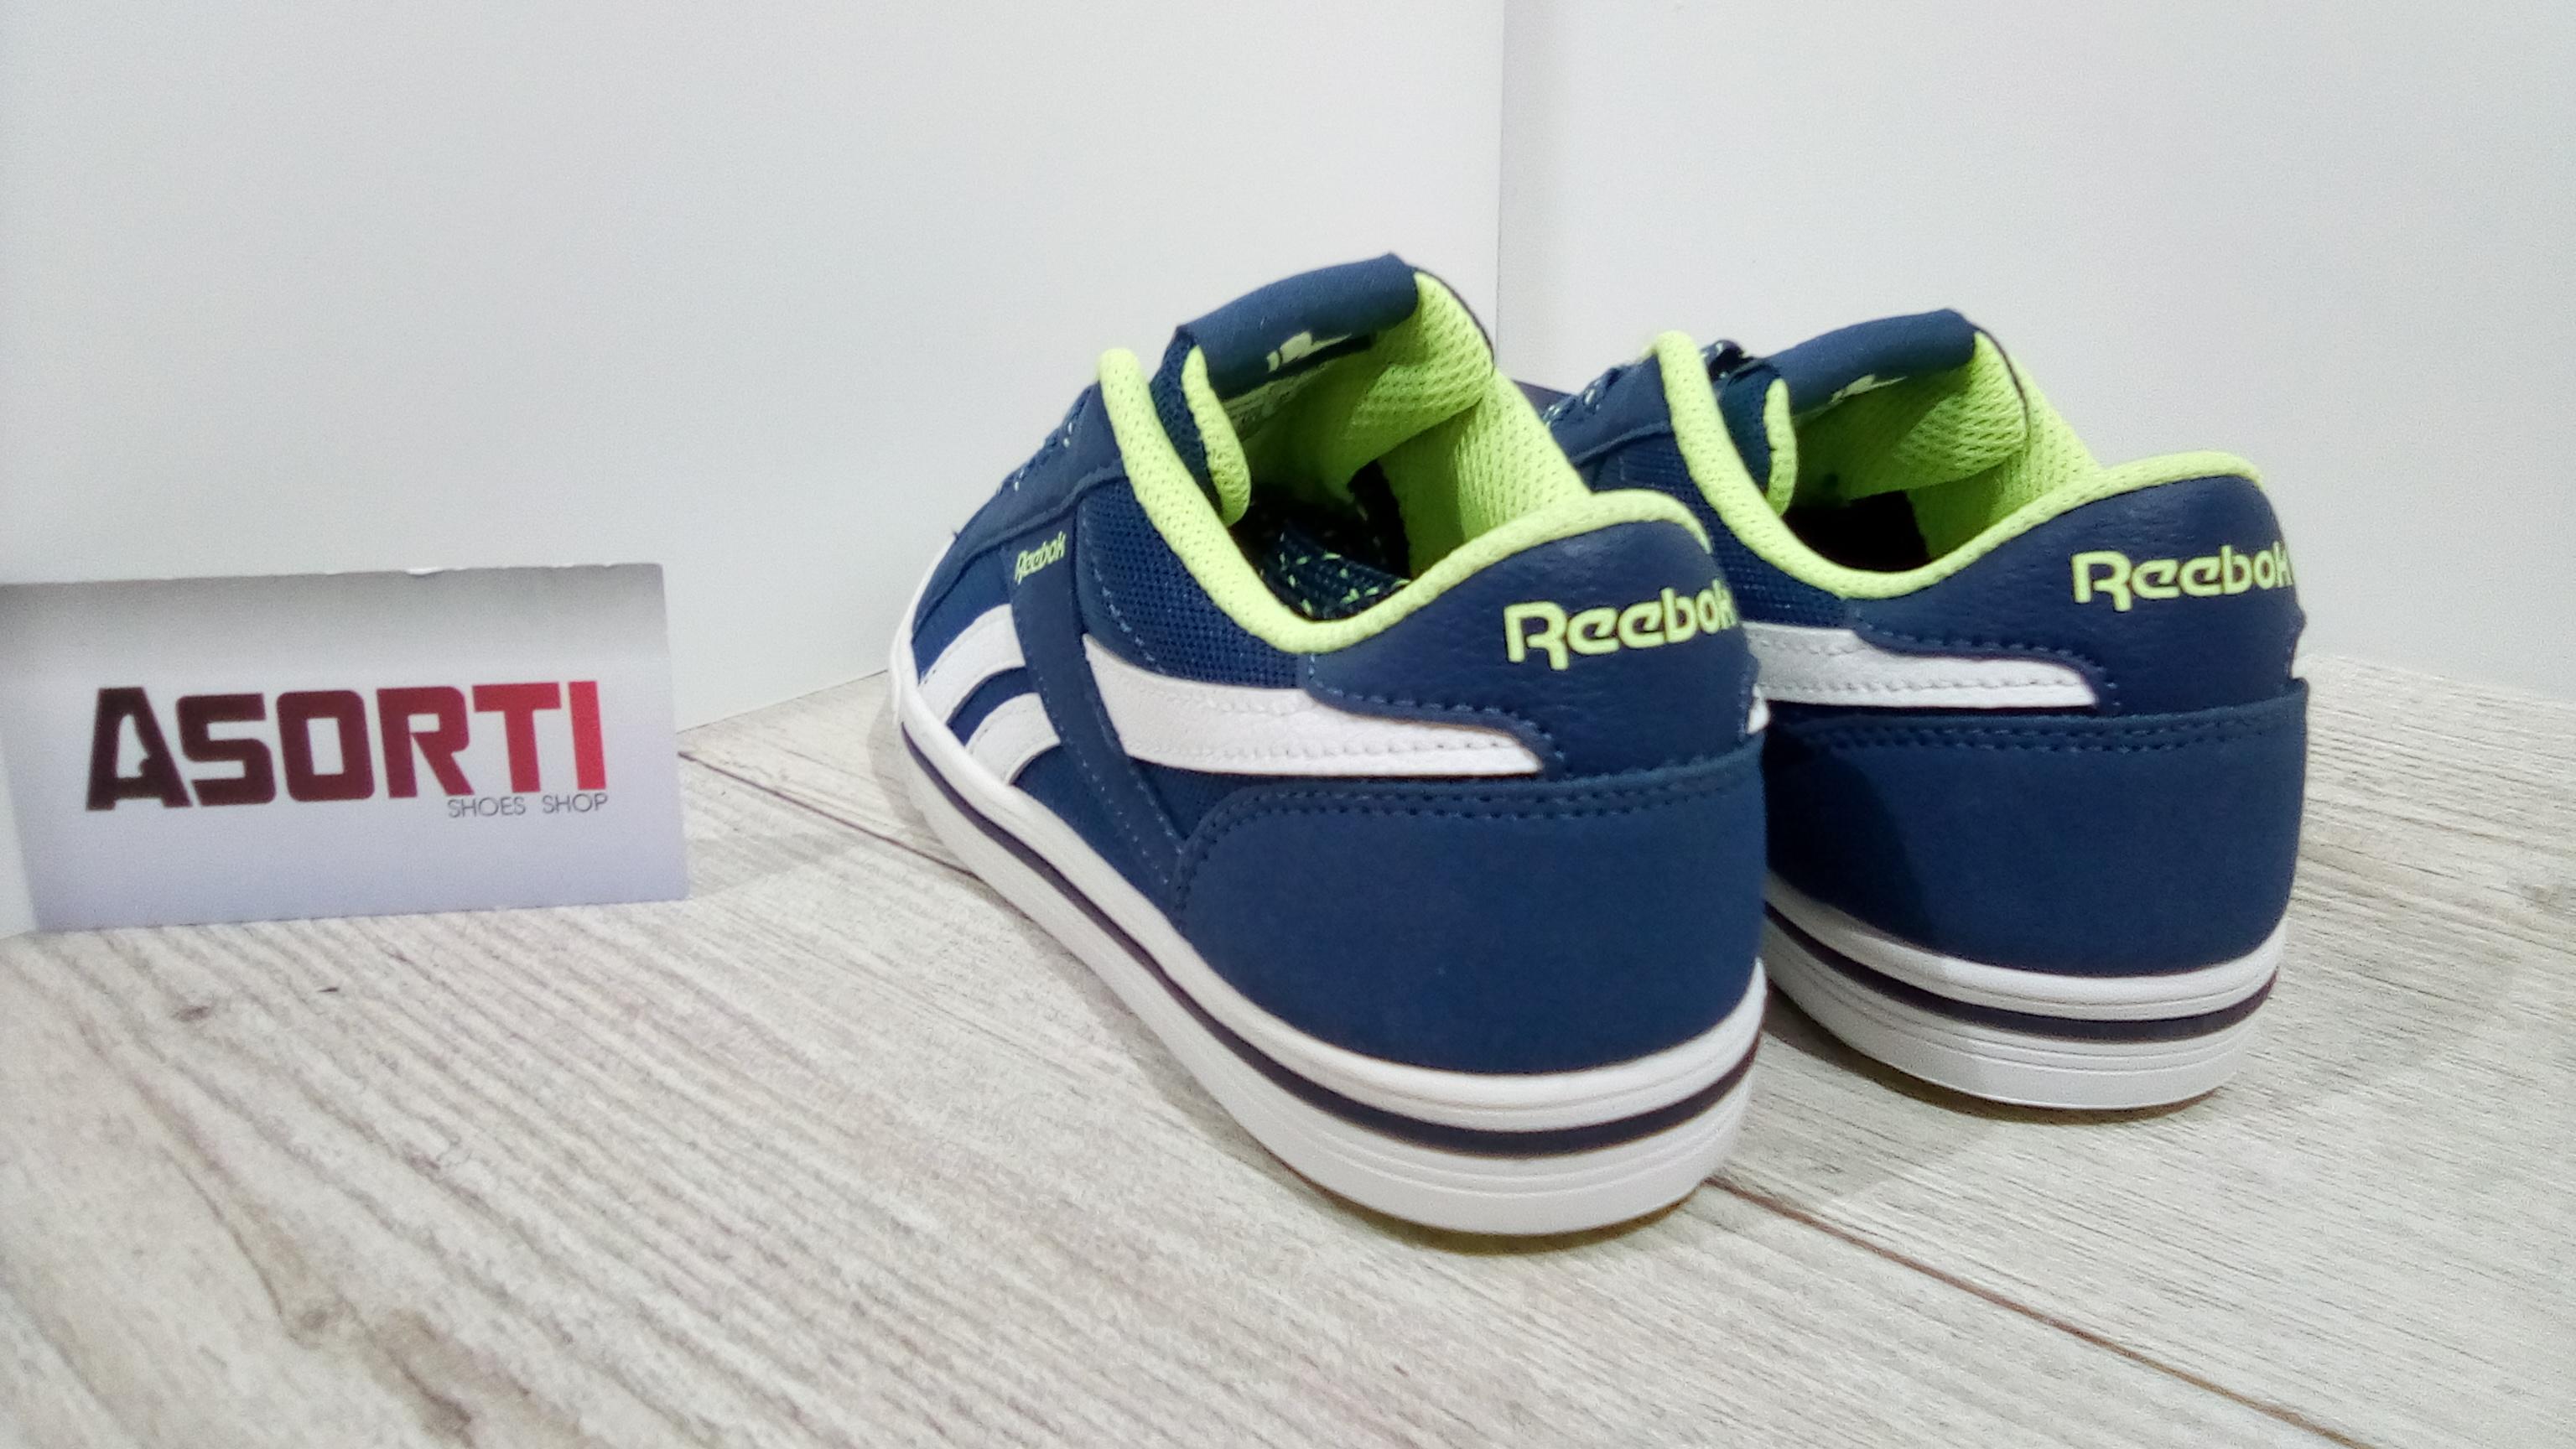 fb13690a Дитячі кросівки Reebok Rotal Comp (CN0163) сині купити в Україні ...